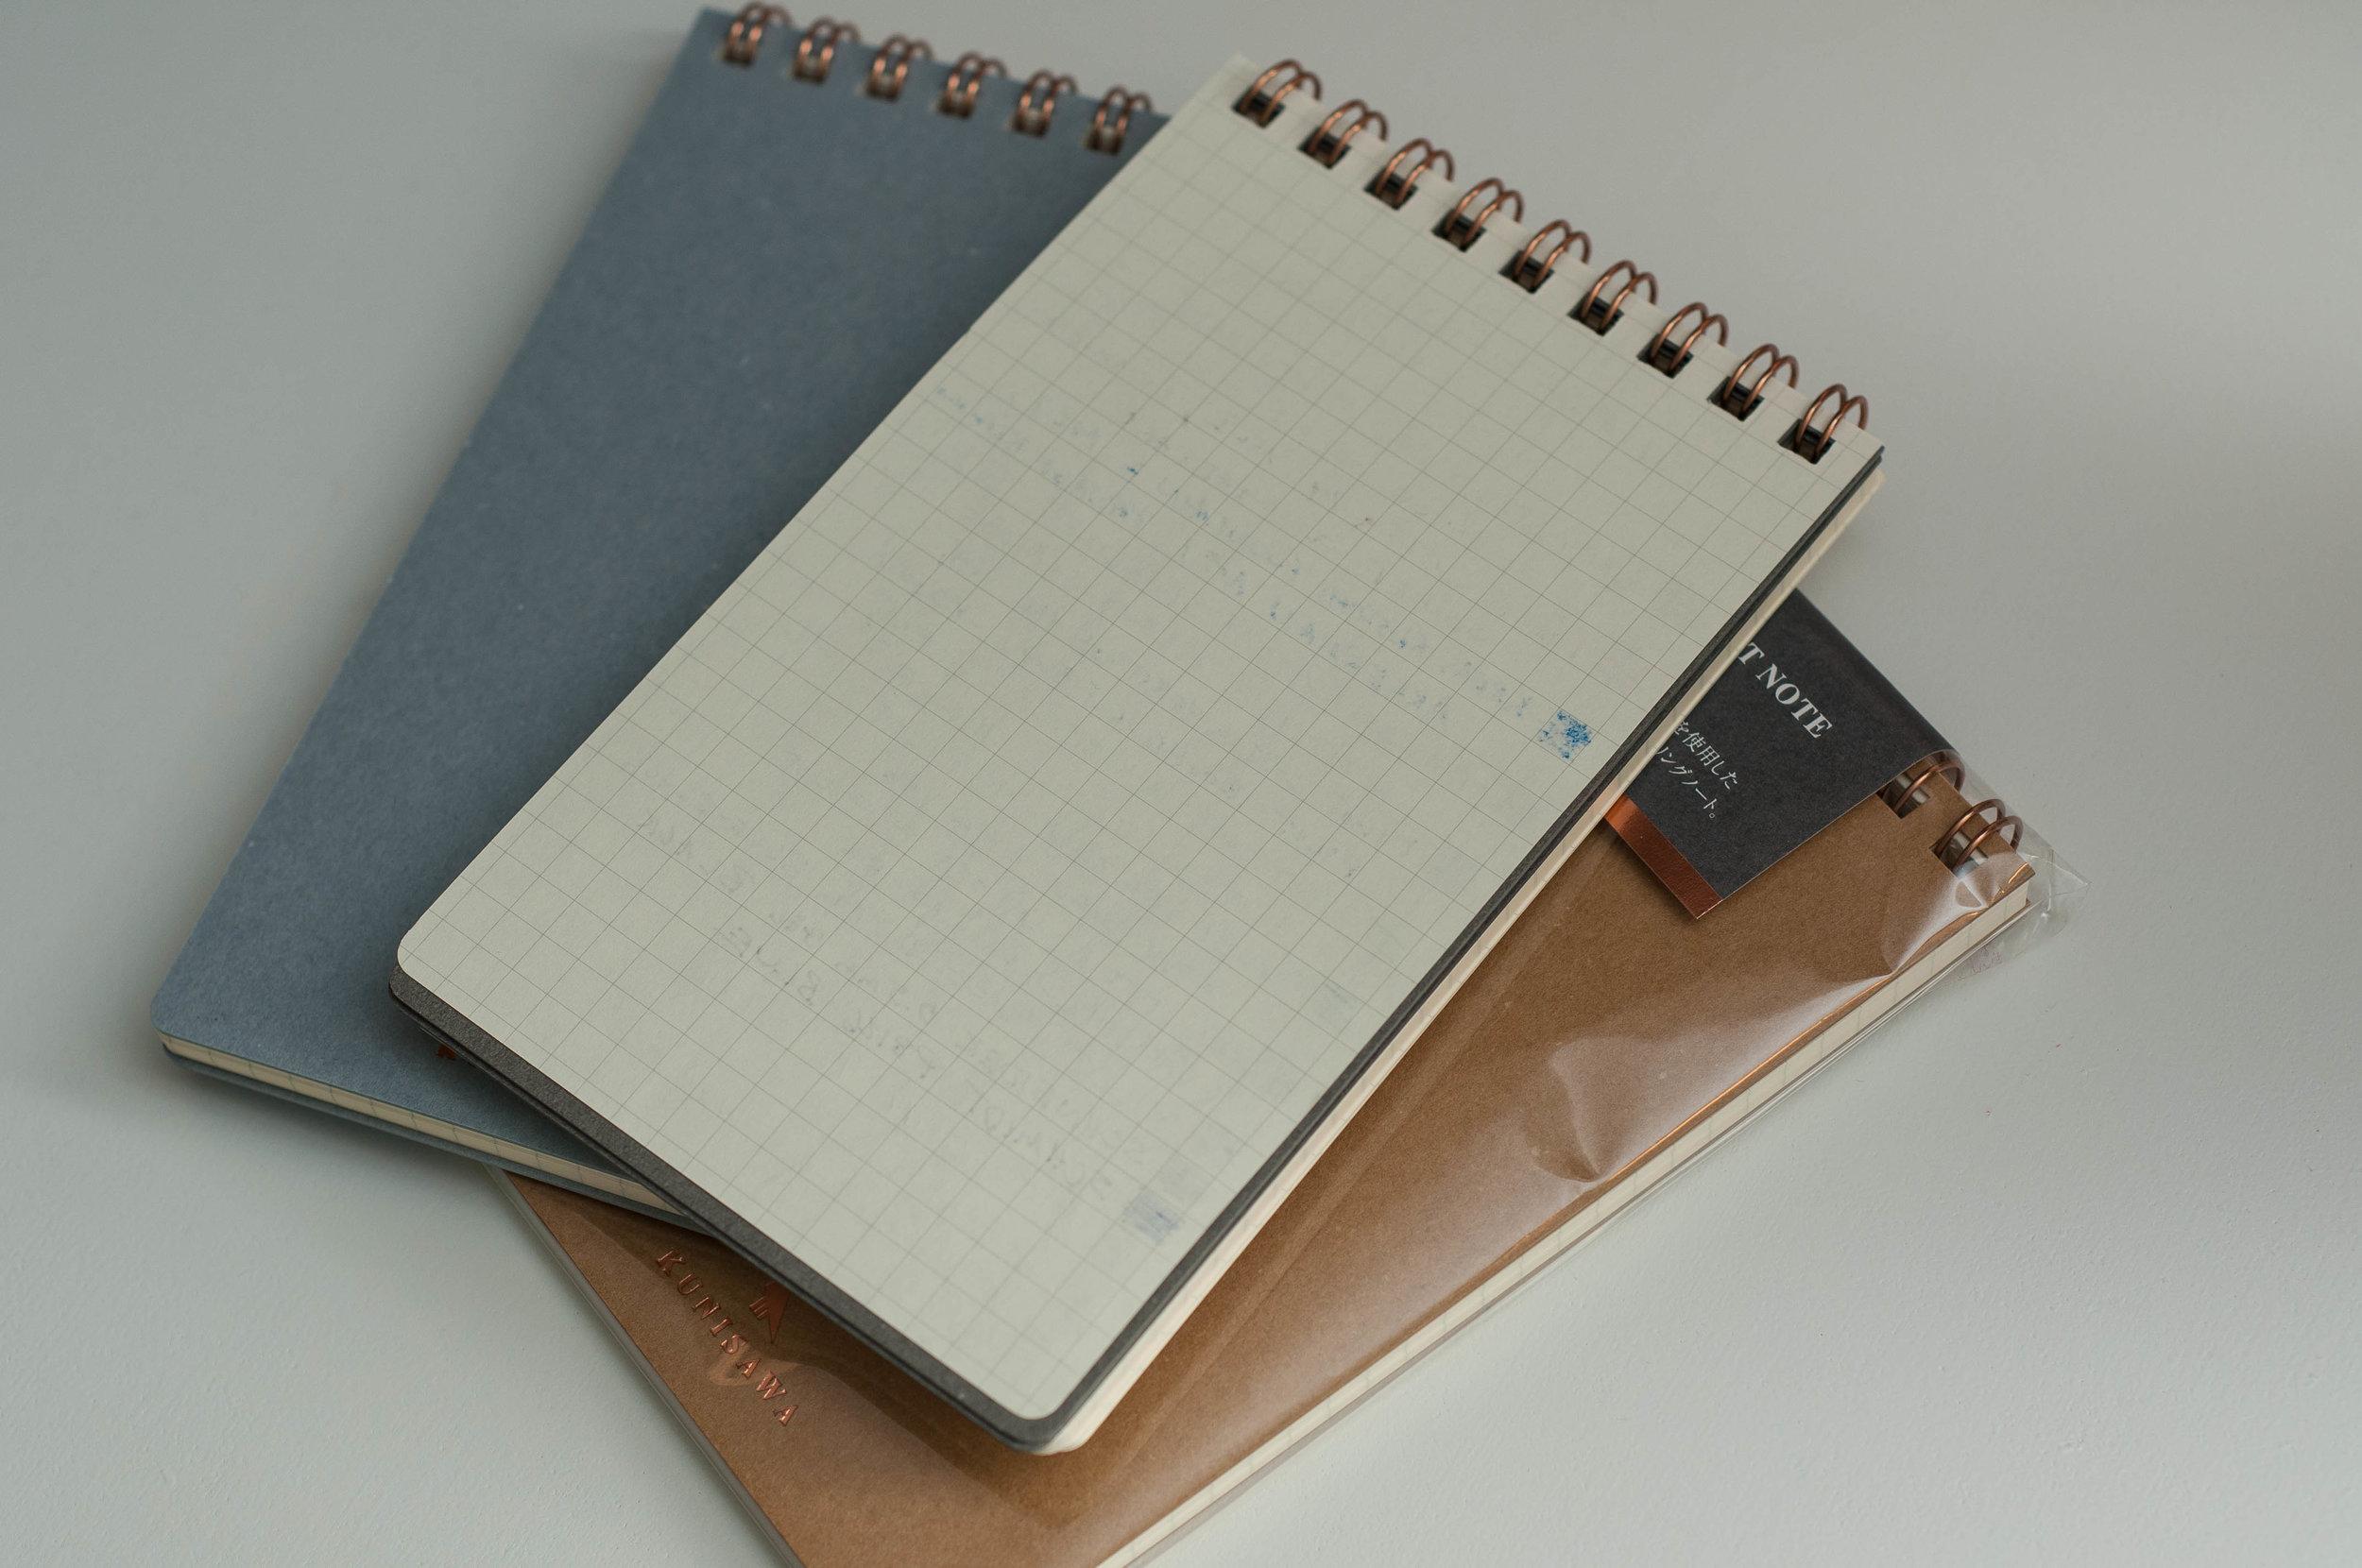 Kunisawa Find Pocket Notebook Back